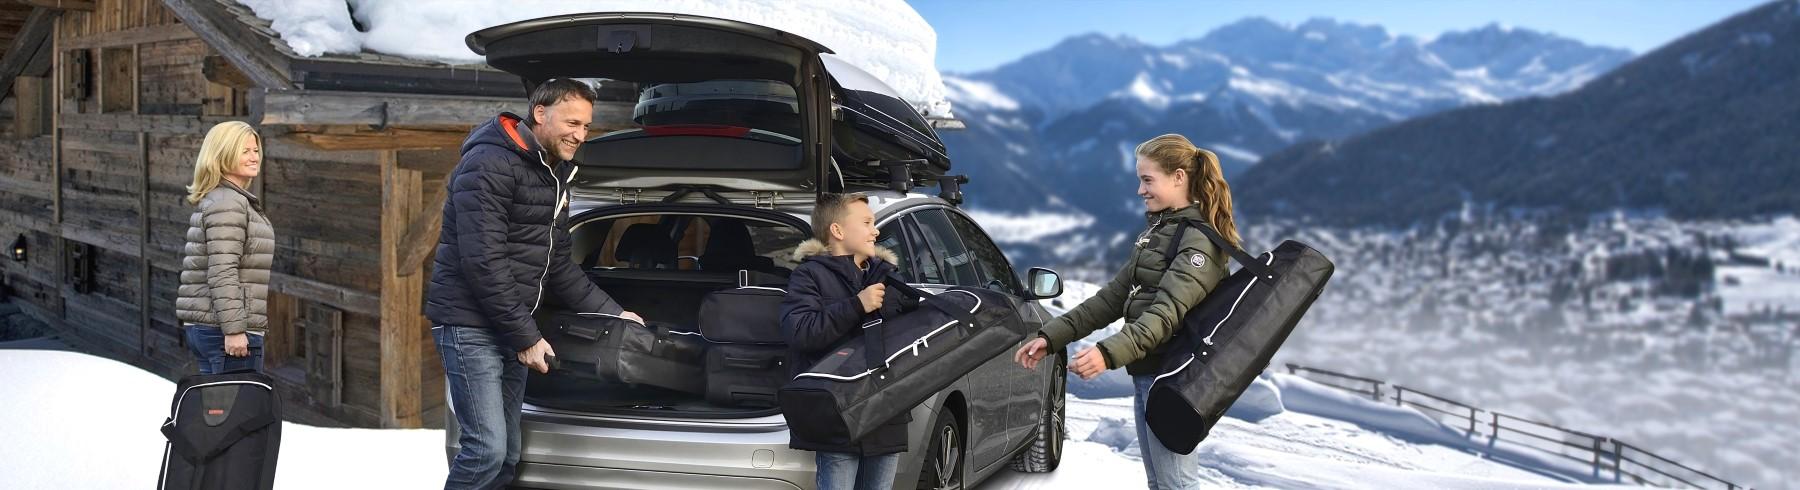 car-bags-zorgeloos-op-reis-winter